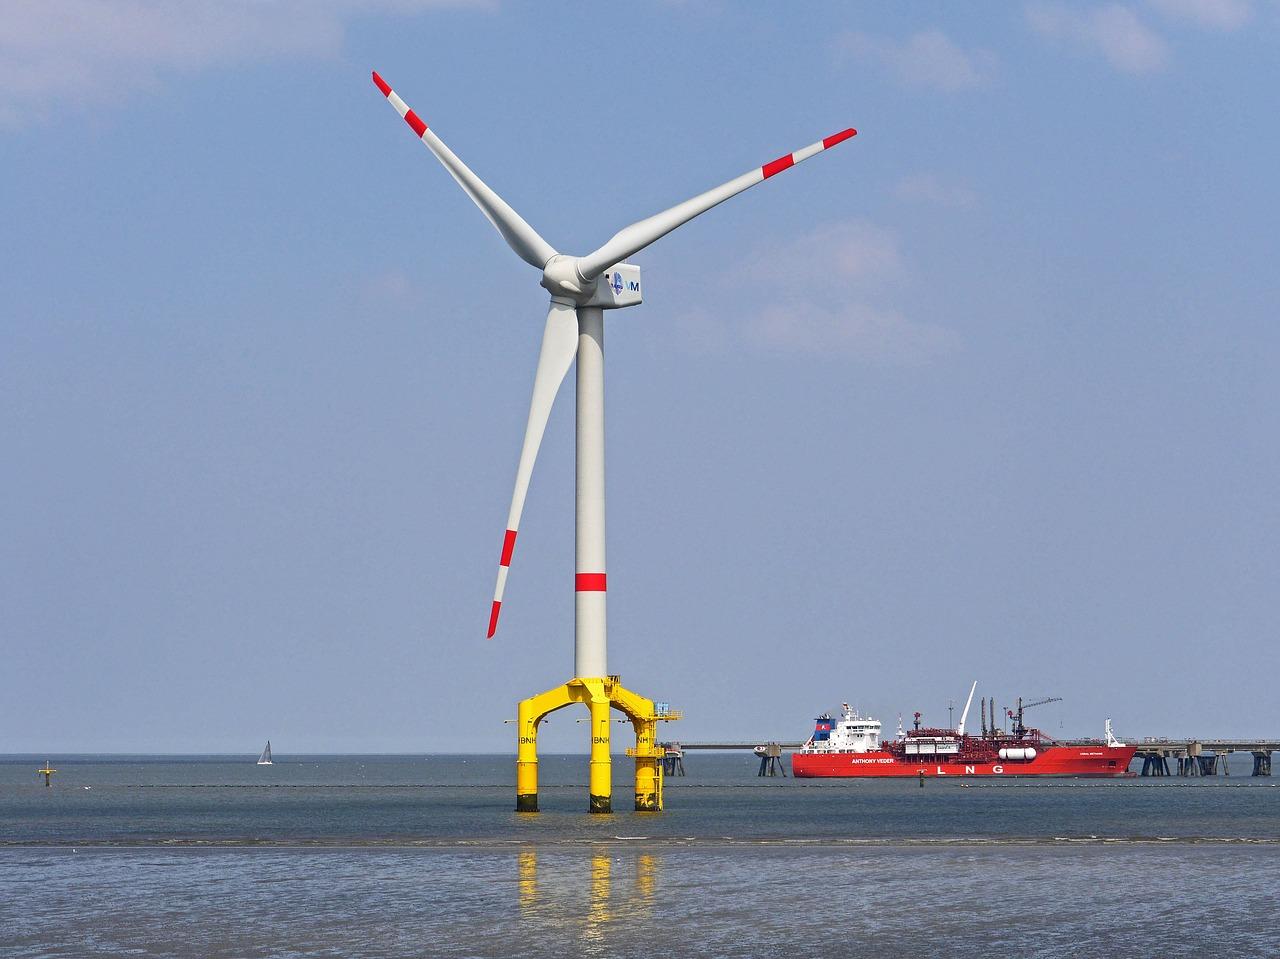 <!--:pt-BR-->Turbinas Eólicas Flutuantes. A contribuição da indústria de O&G para o mercado de energia renovável.<!--:--><!--:en-->Floating Offshore Wind Turbine. The O&G industry contribution to the renewable energy market.<!--:-->